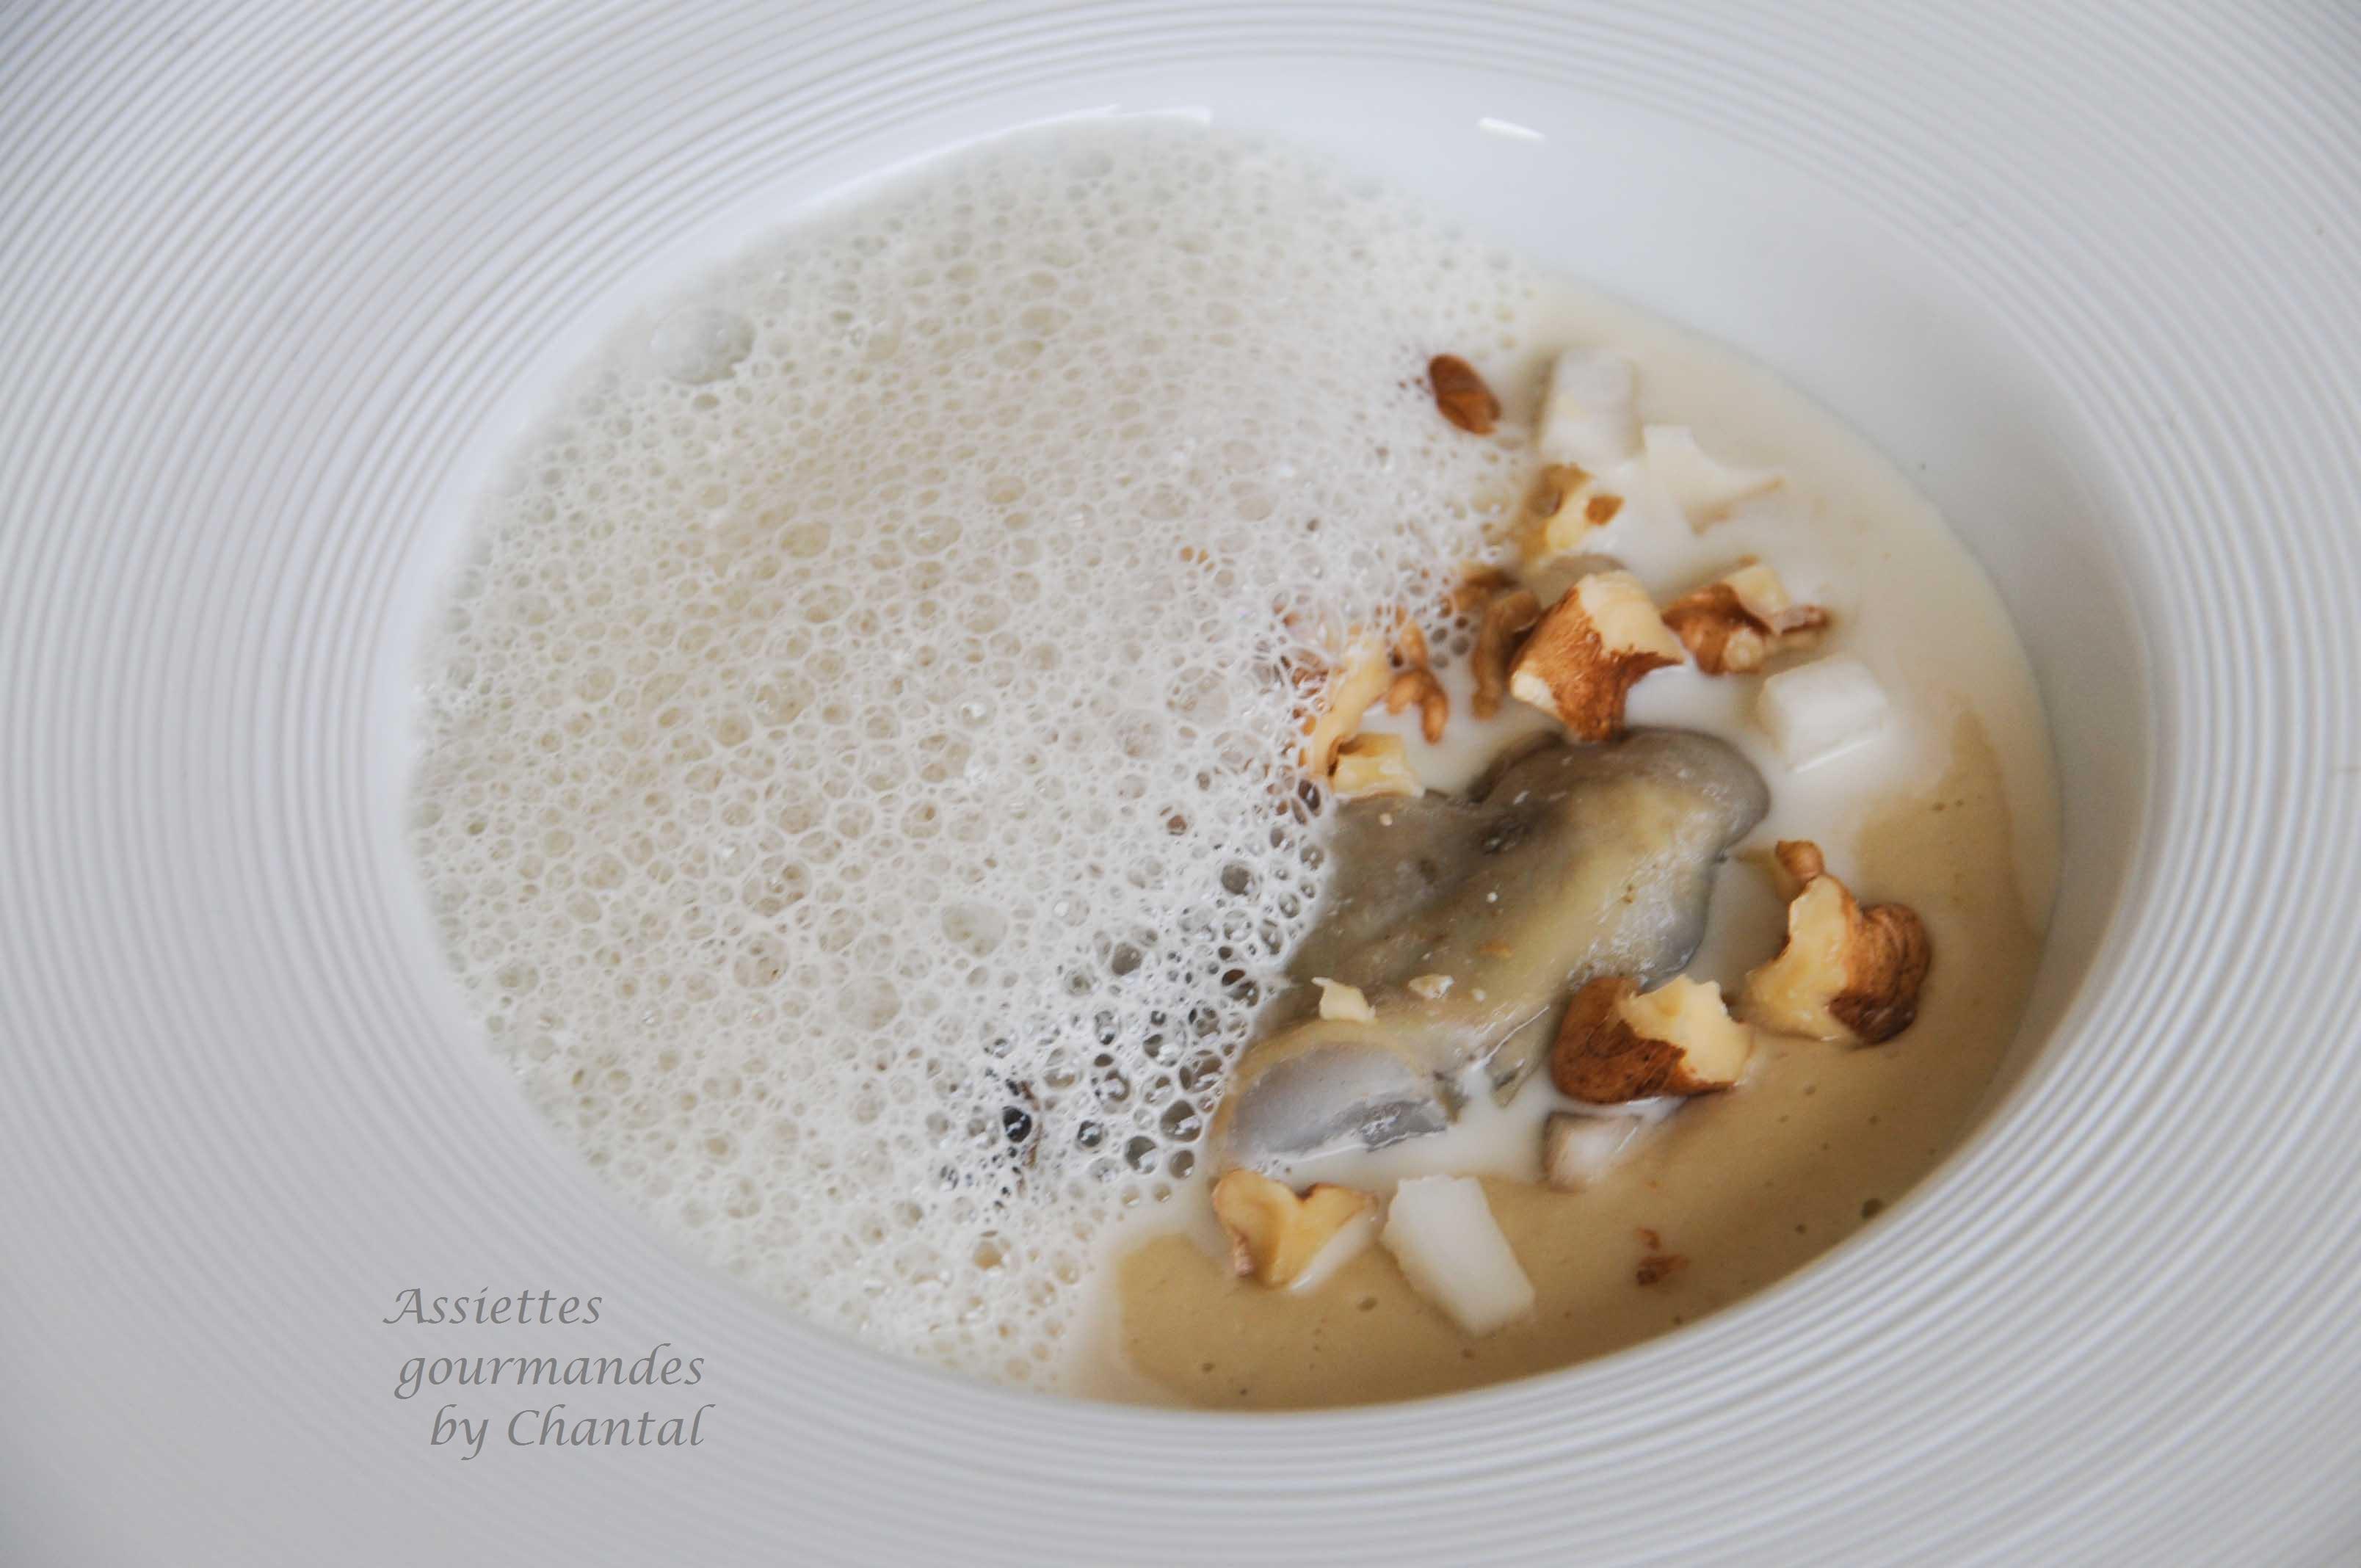 Huître pochée, topinambour et foie gras, émulsion au vin jaune